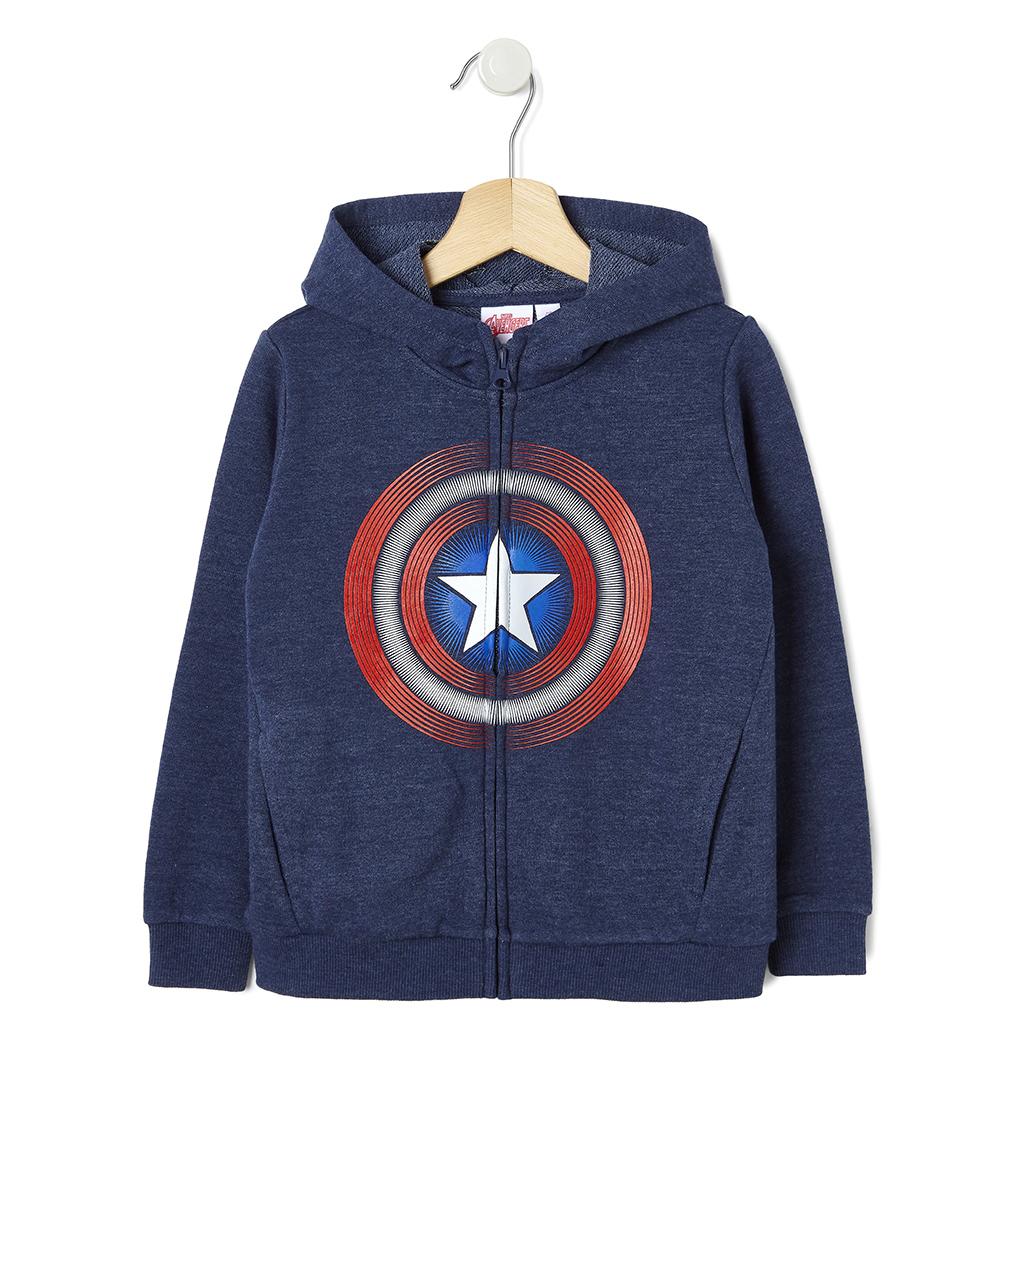 Ζακέτα Φόρμας Captain America για Αγόρι